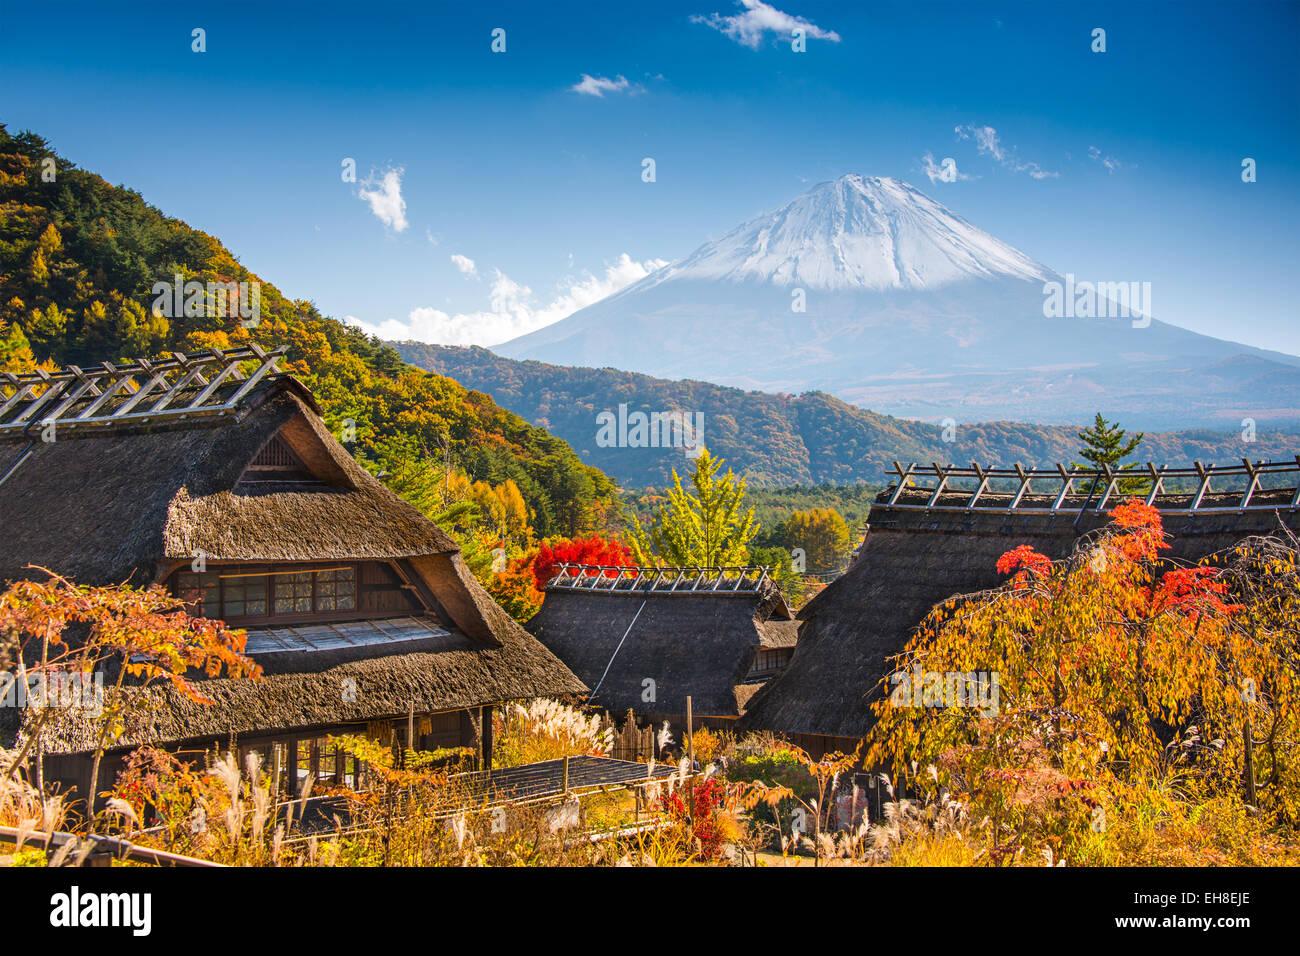 Iyashi-no-sato village con Mt. Fuji in Giappone. Immagini Stock